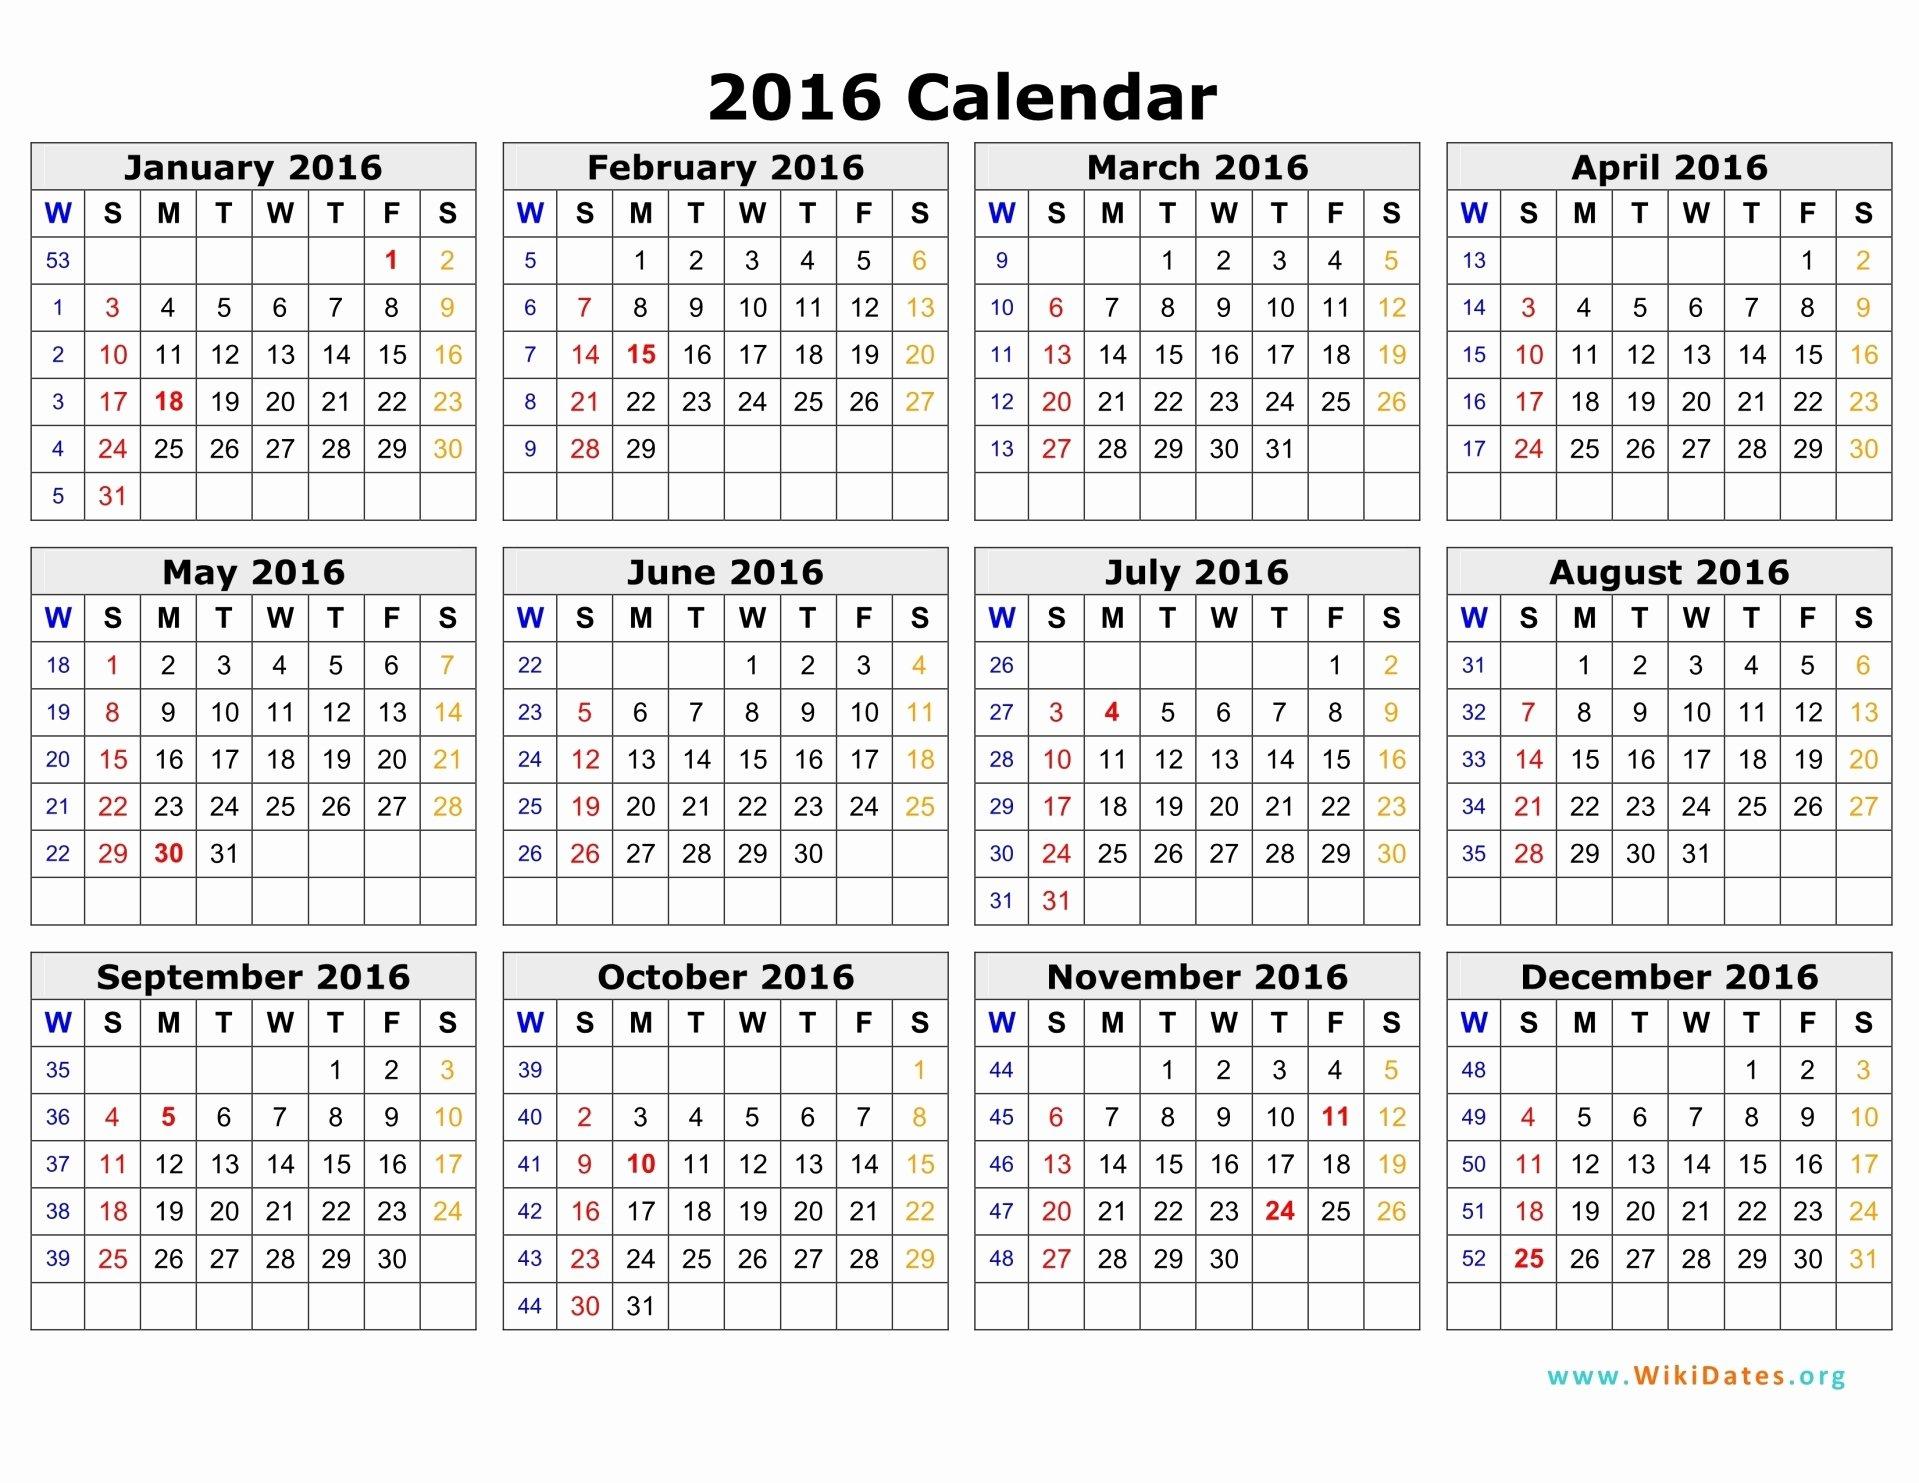 Bi Weekly Payroll Calendar 2016 Template